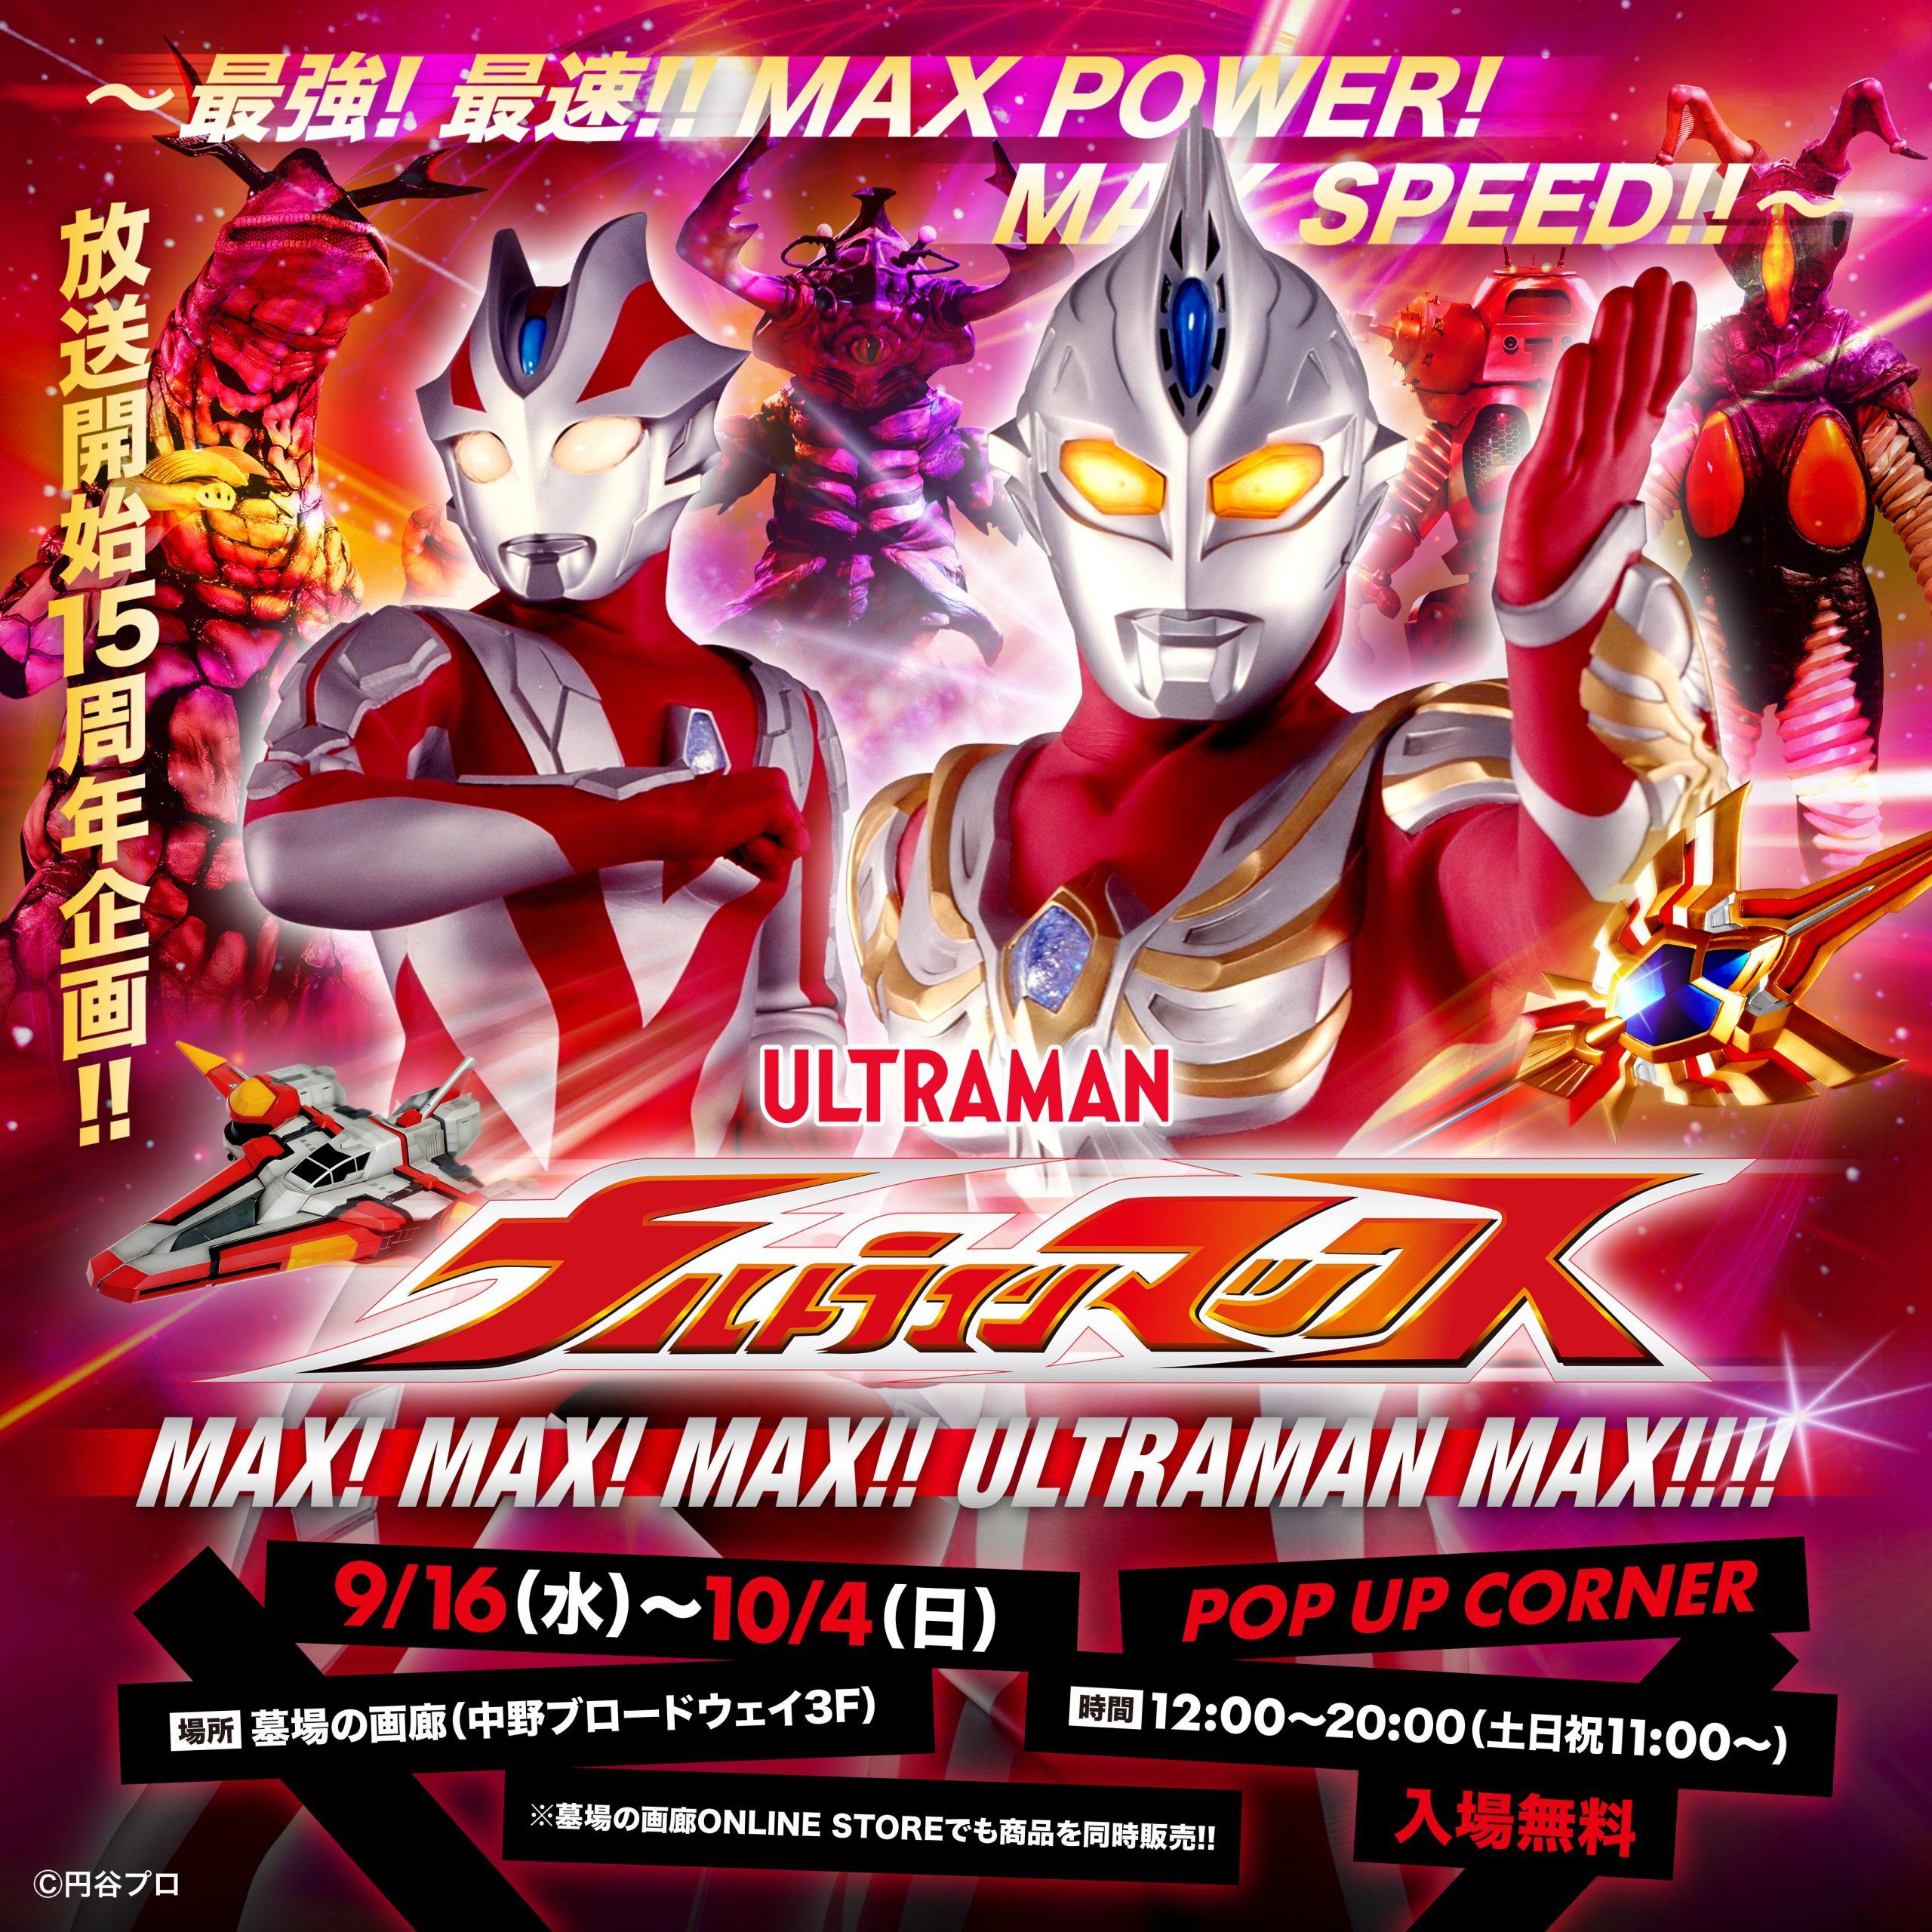 『ウルトラマンマックス』放送15周年記念「ウルトラマンマックス~MAX!MAX!MAX!ULTRAMANMAXポップアップ」を墓場の画廊(東京・中野)と墓場の画廊オンラインストアにて同時開催!9月16日(水)からスタート!